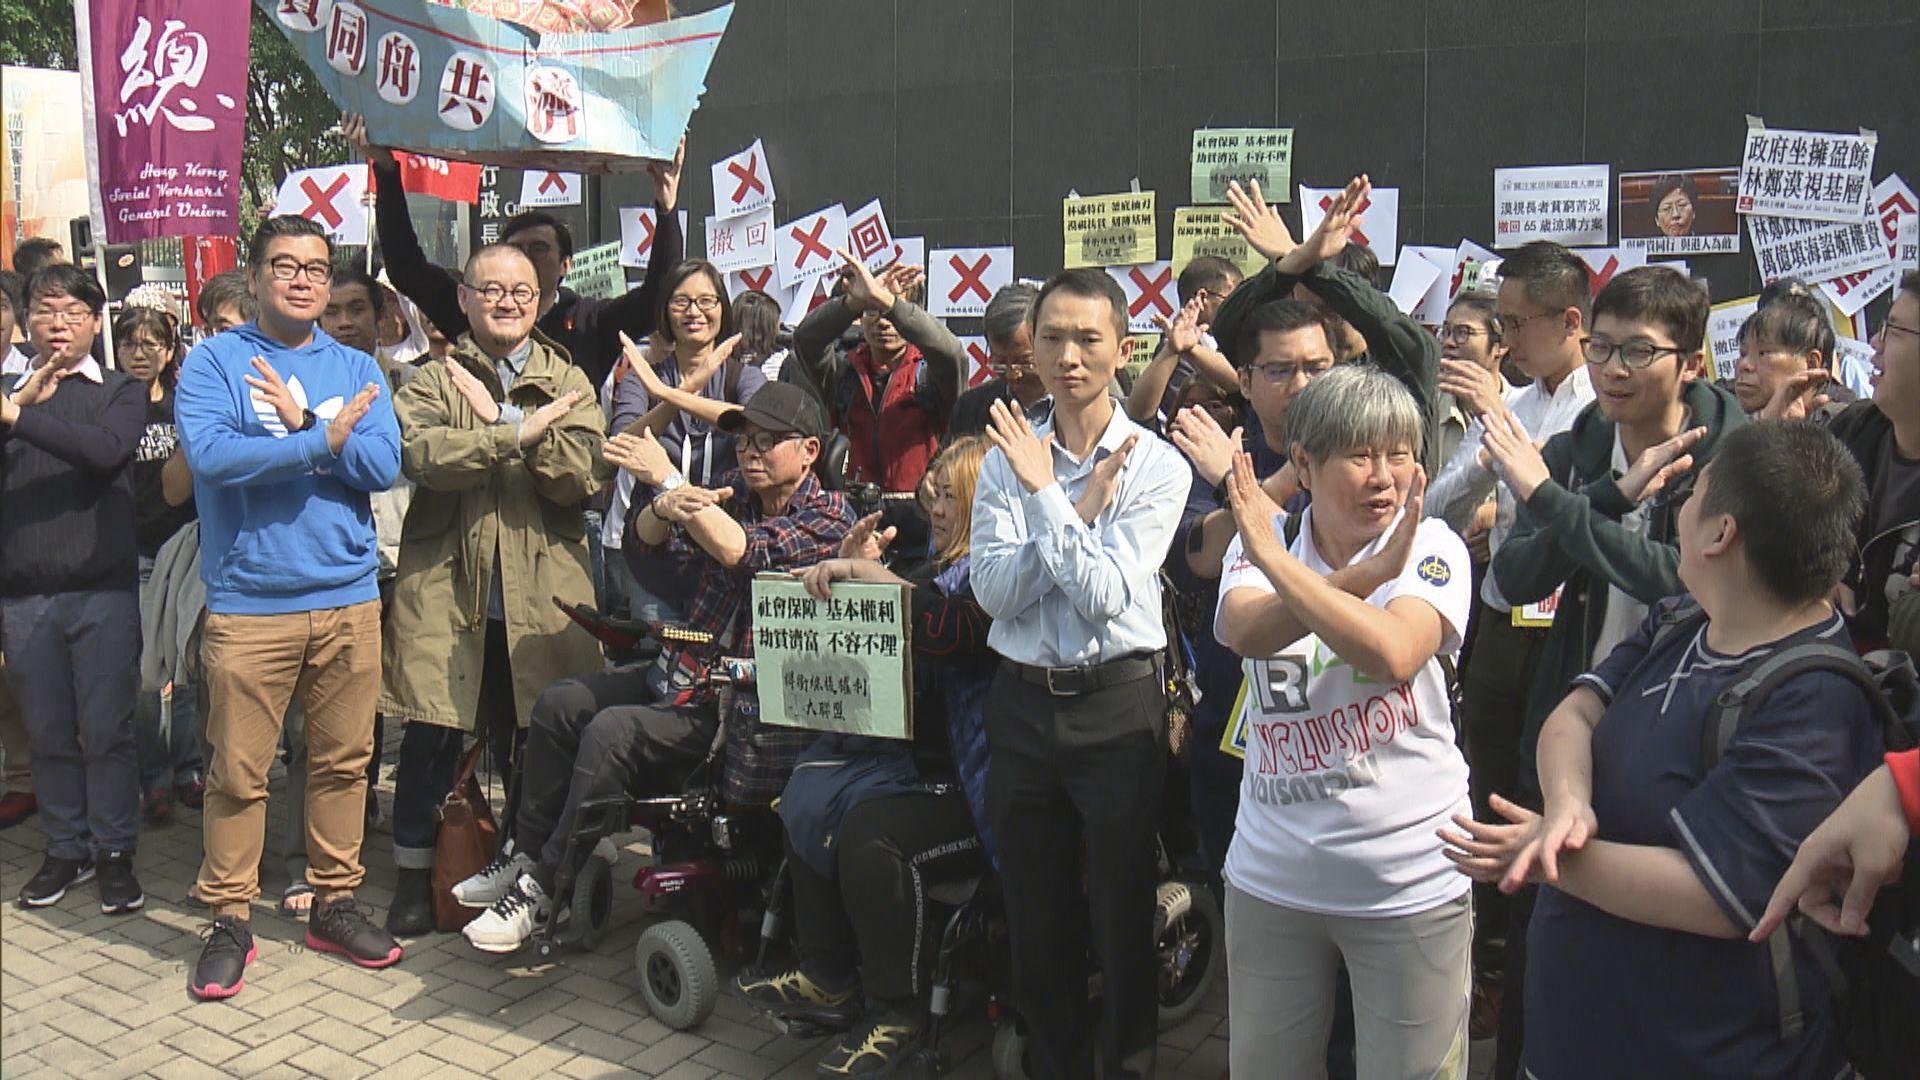 團體示威促政府撤回收緊長者綜援